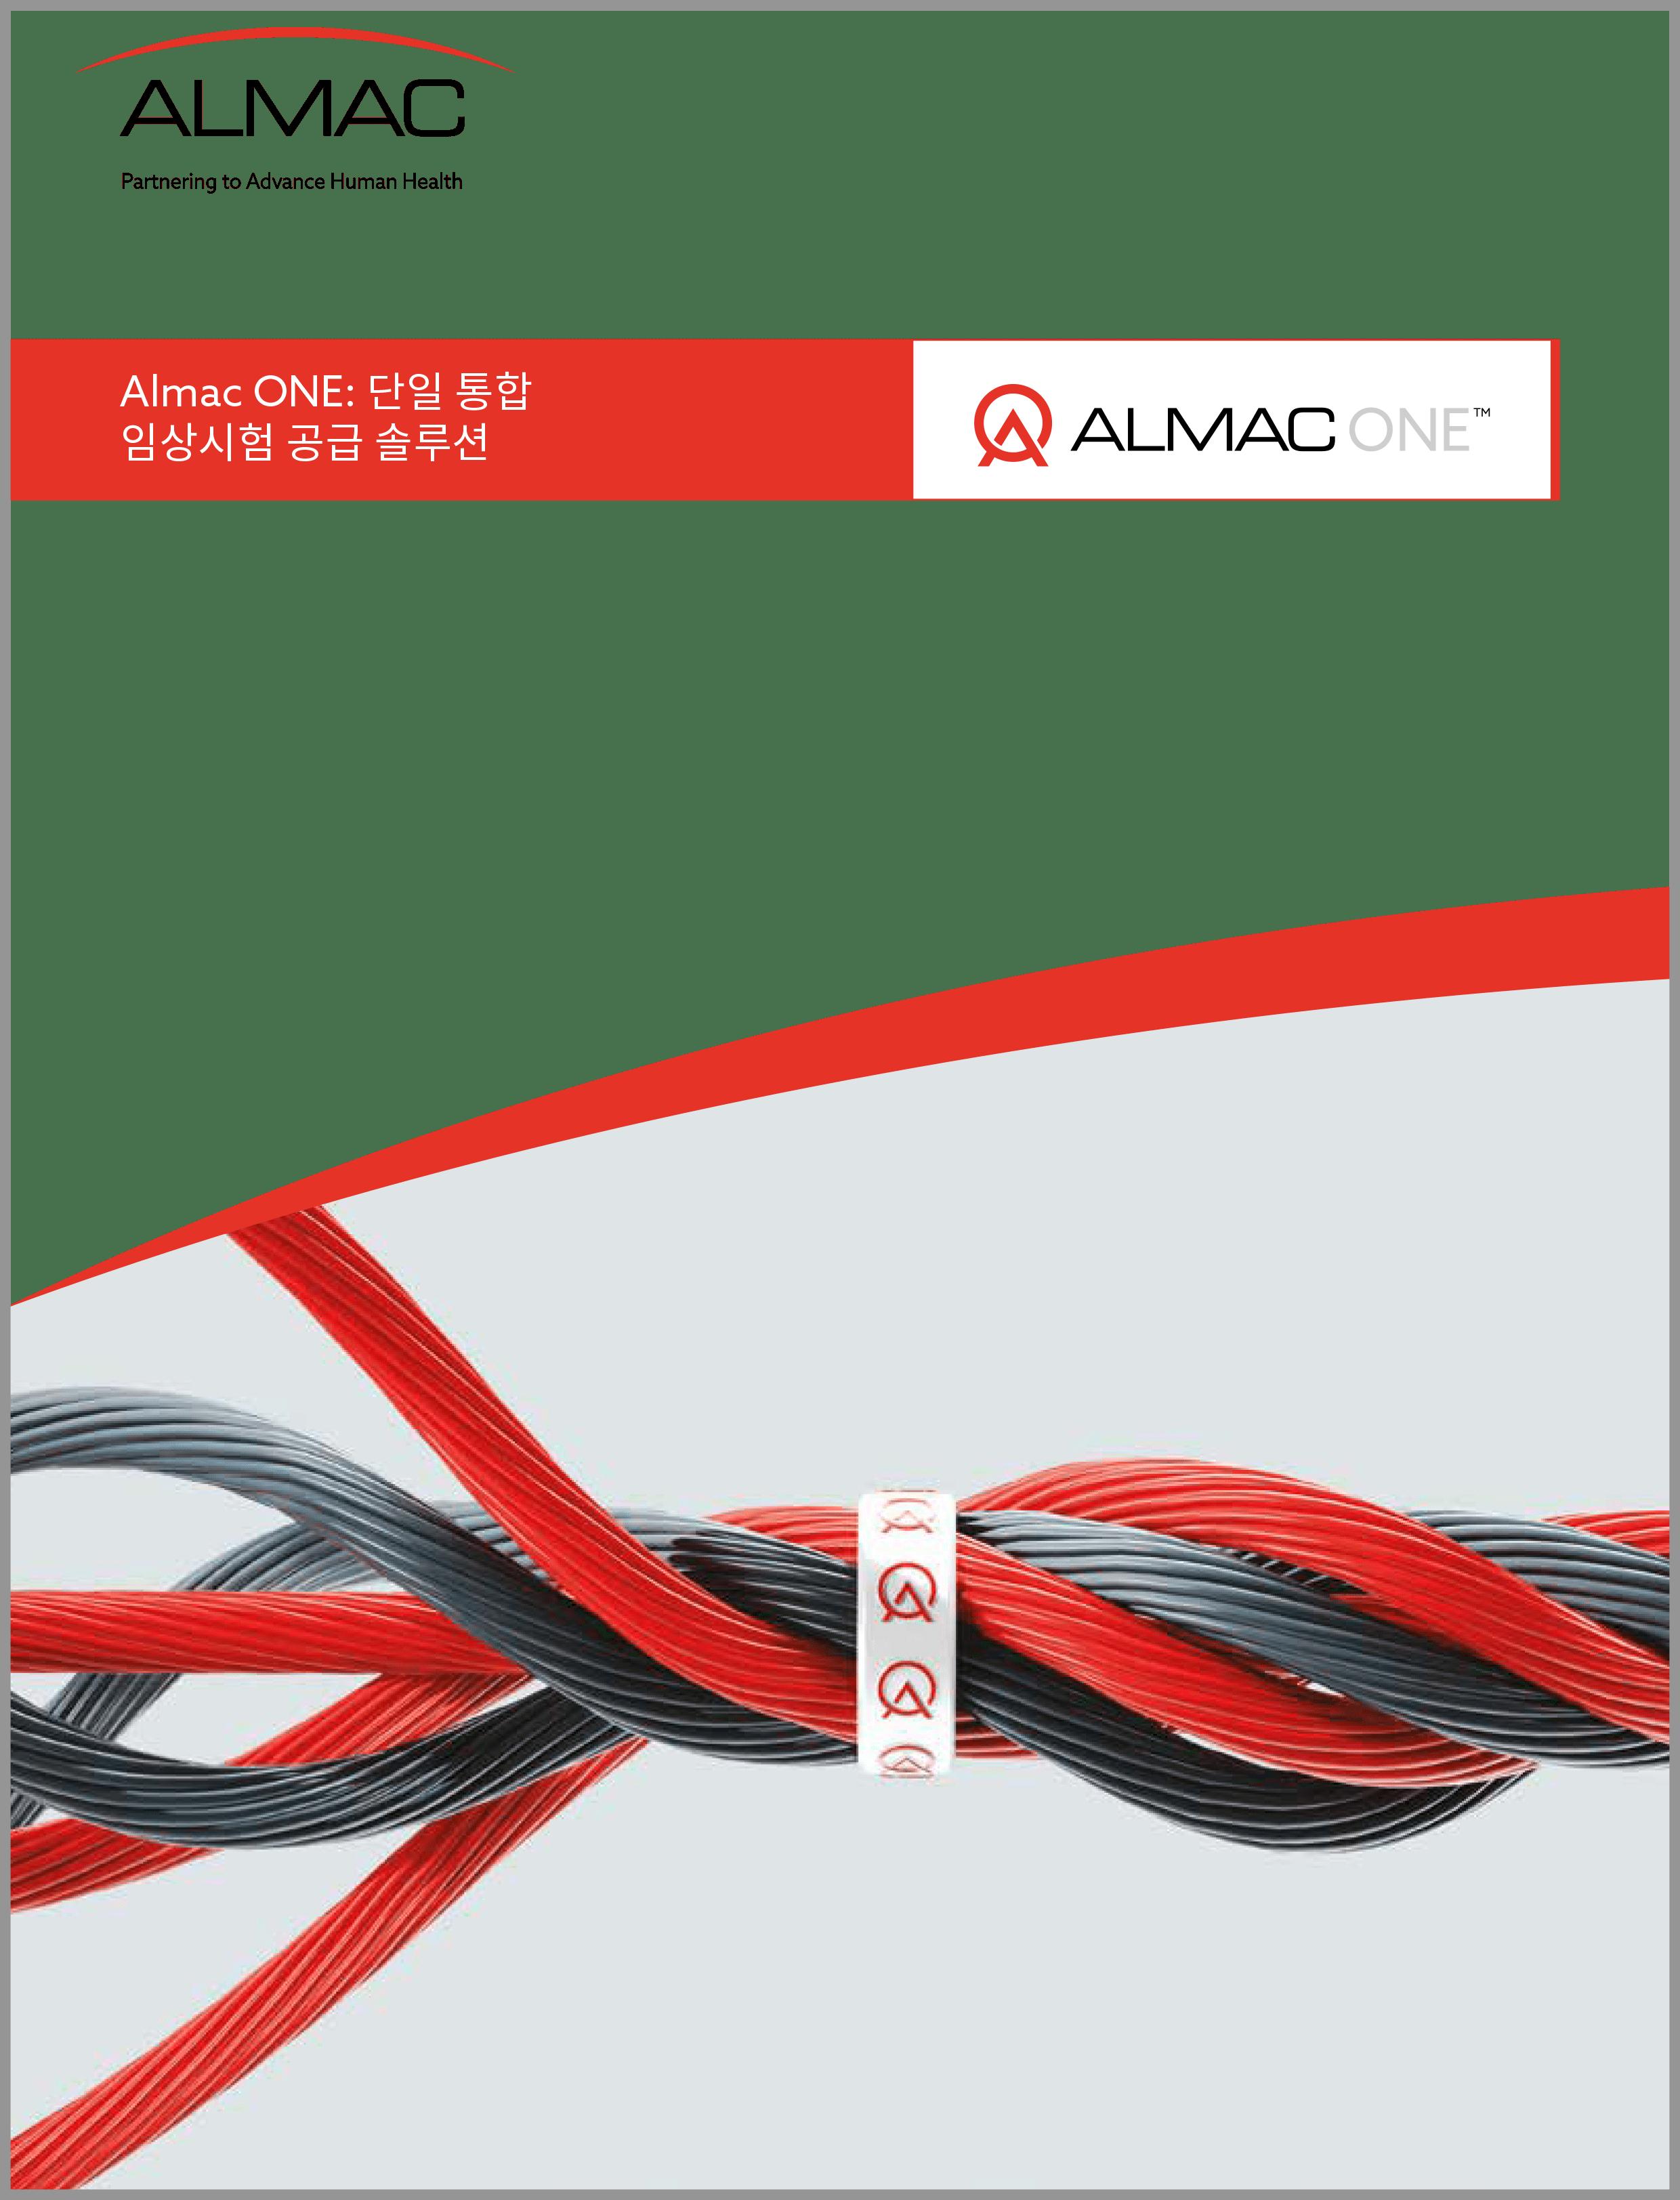 Almac ONE: 단일 통합<br>임상시험 공급 솔루션